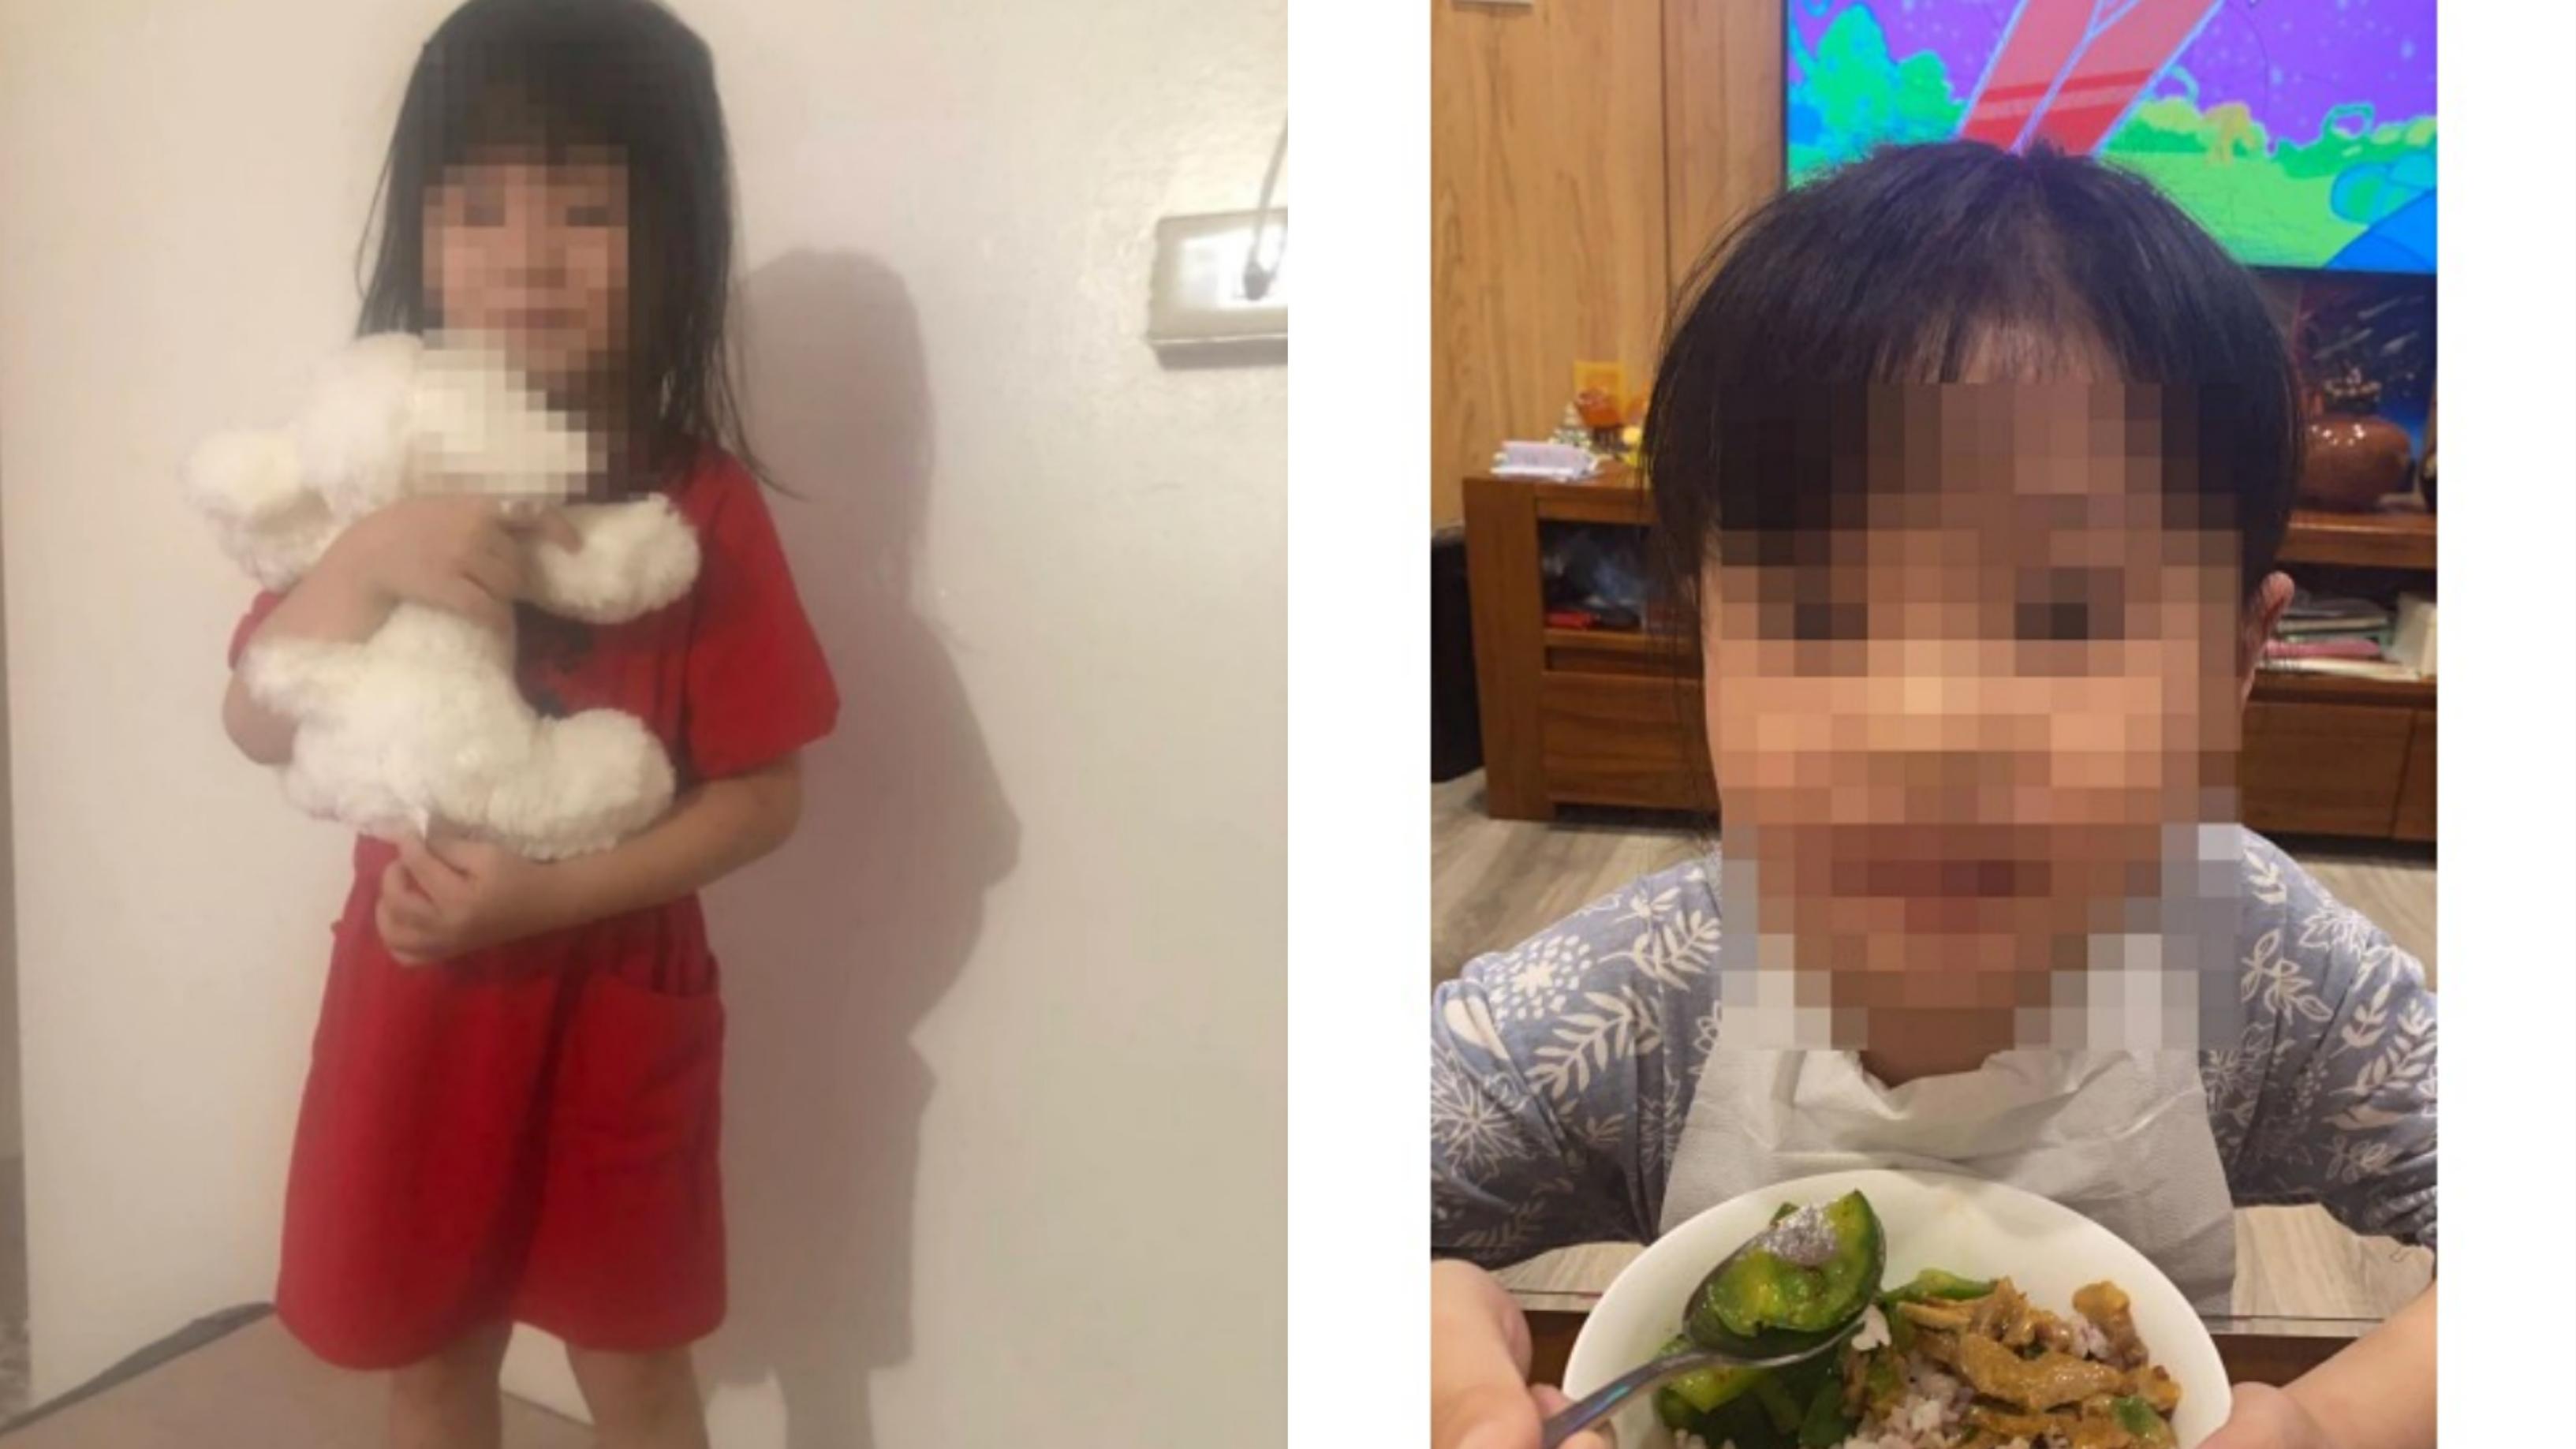 台湾五岁女童惨遭保姆凌虐 逼喝尿遭殴打至昏迷